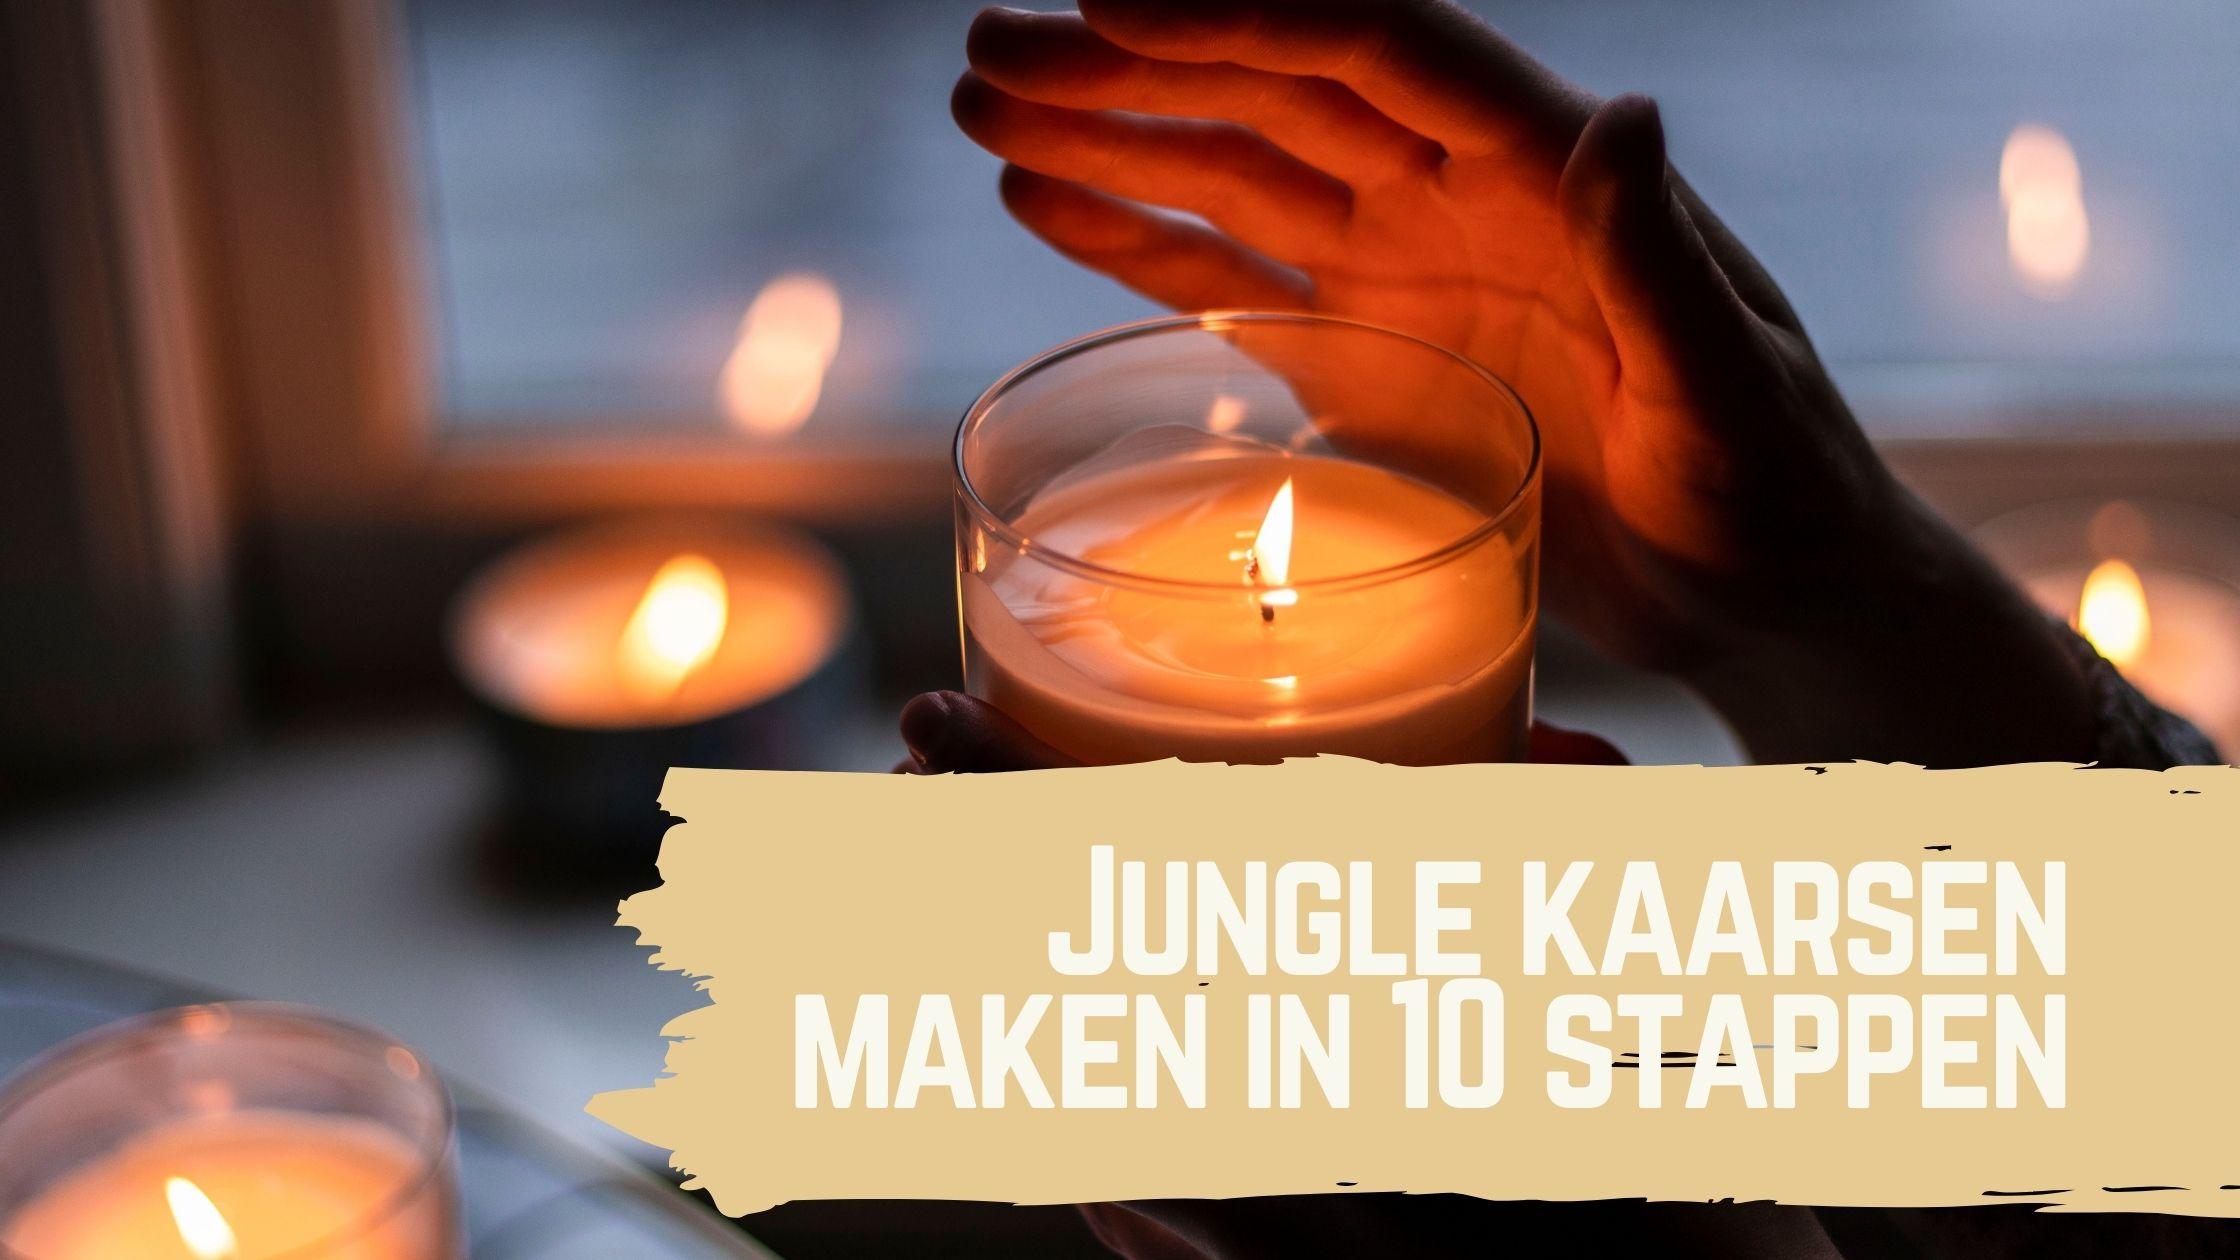 Jungle kaarsen maken in 10 stappen